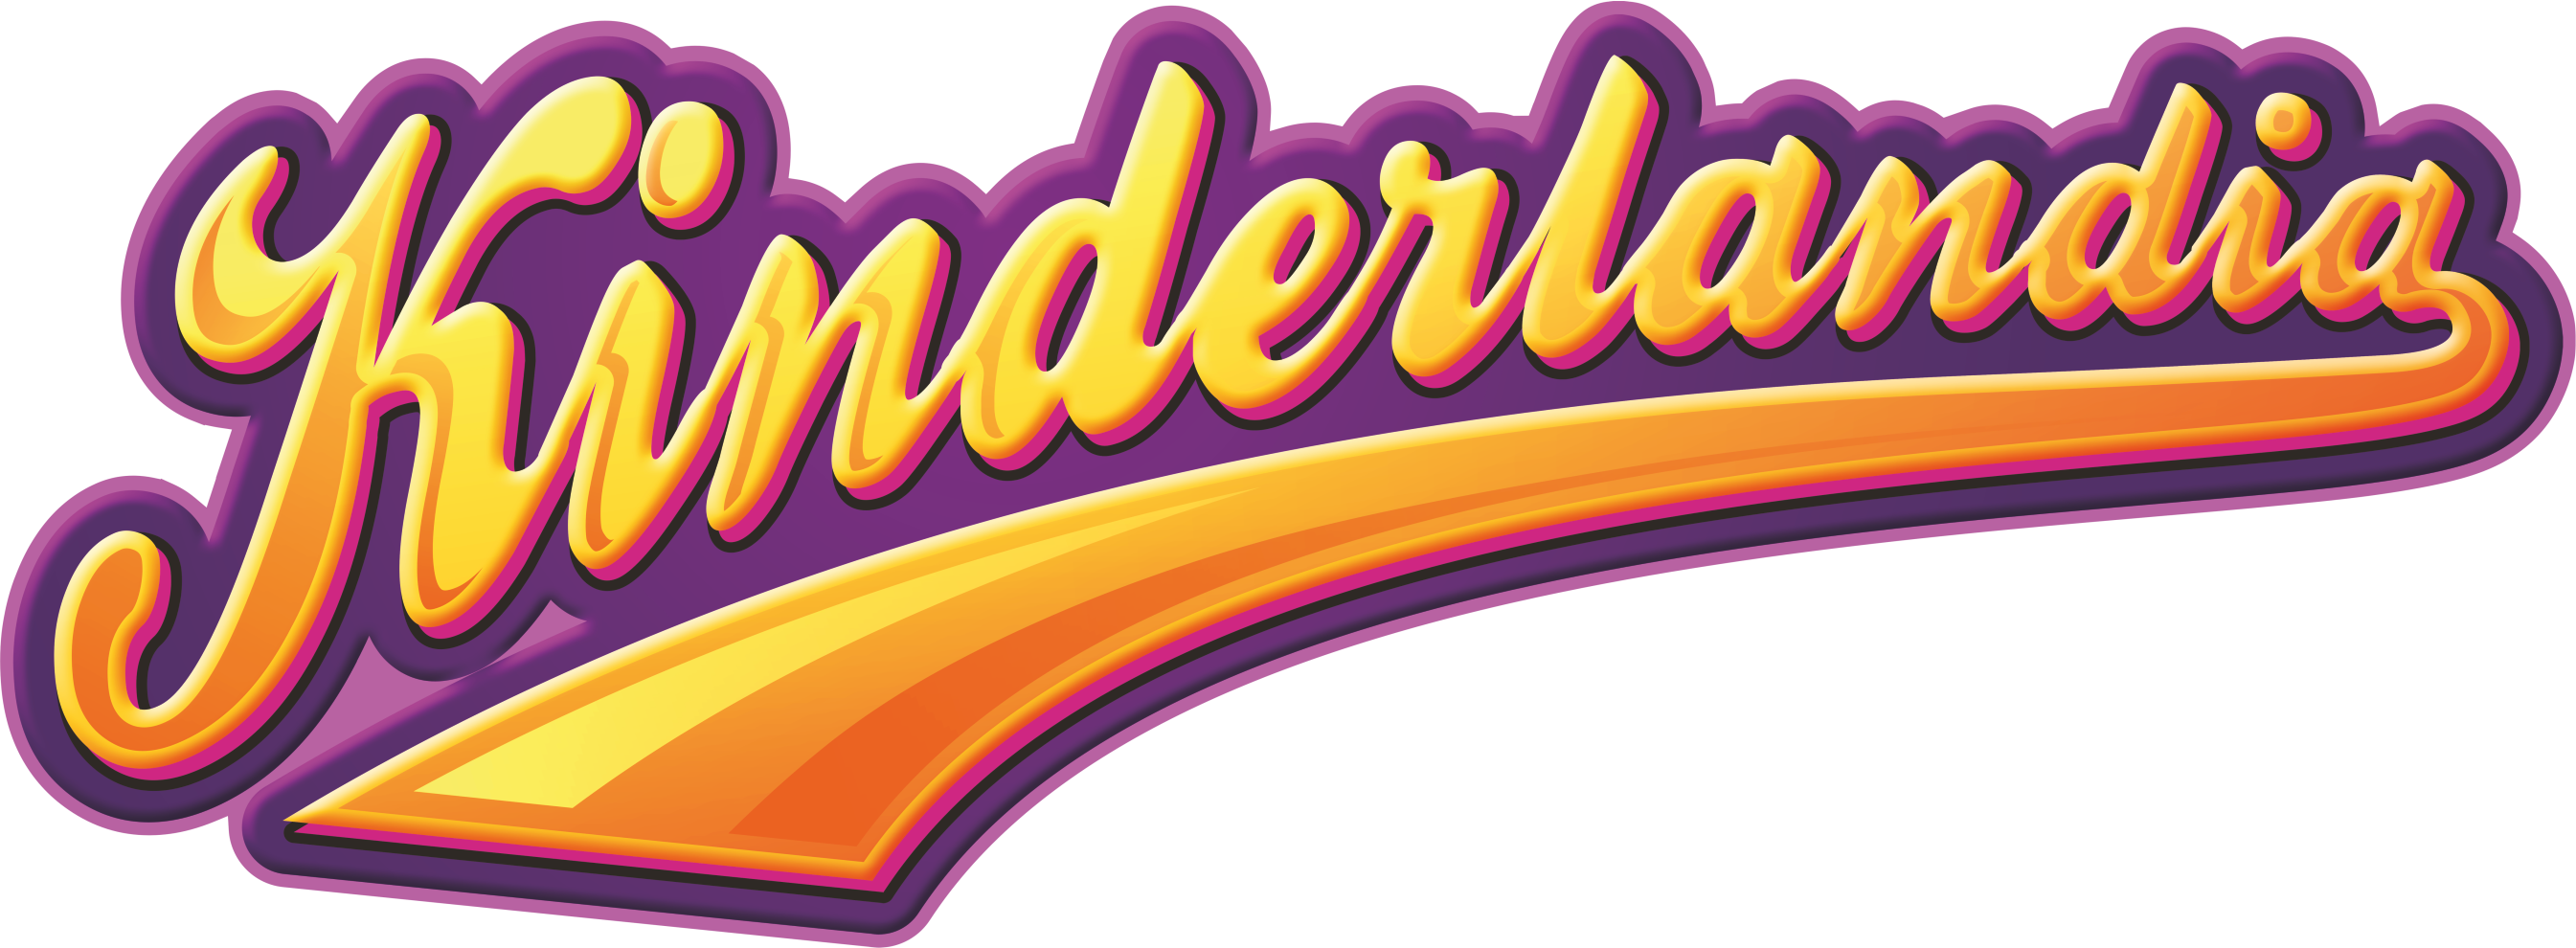 kinderlandia